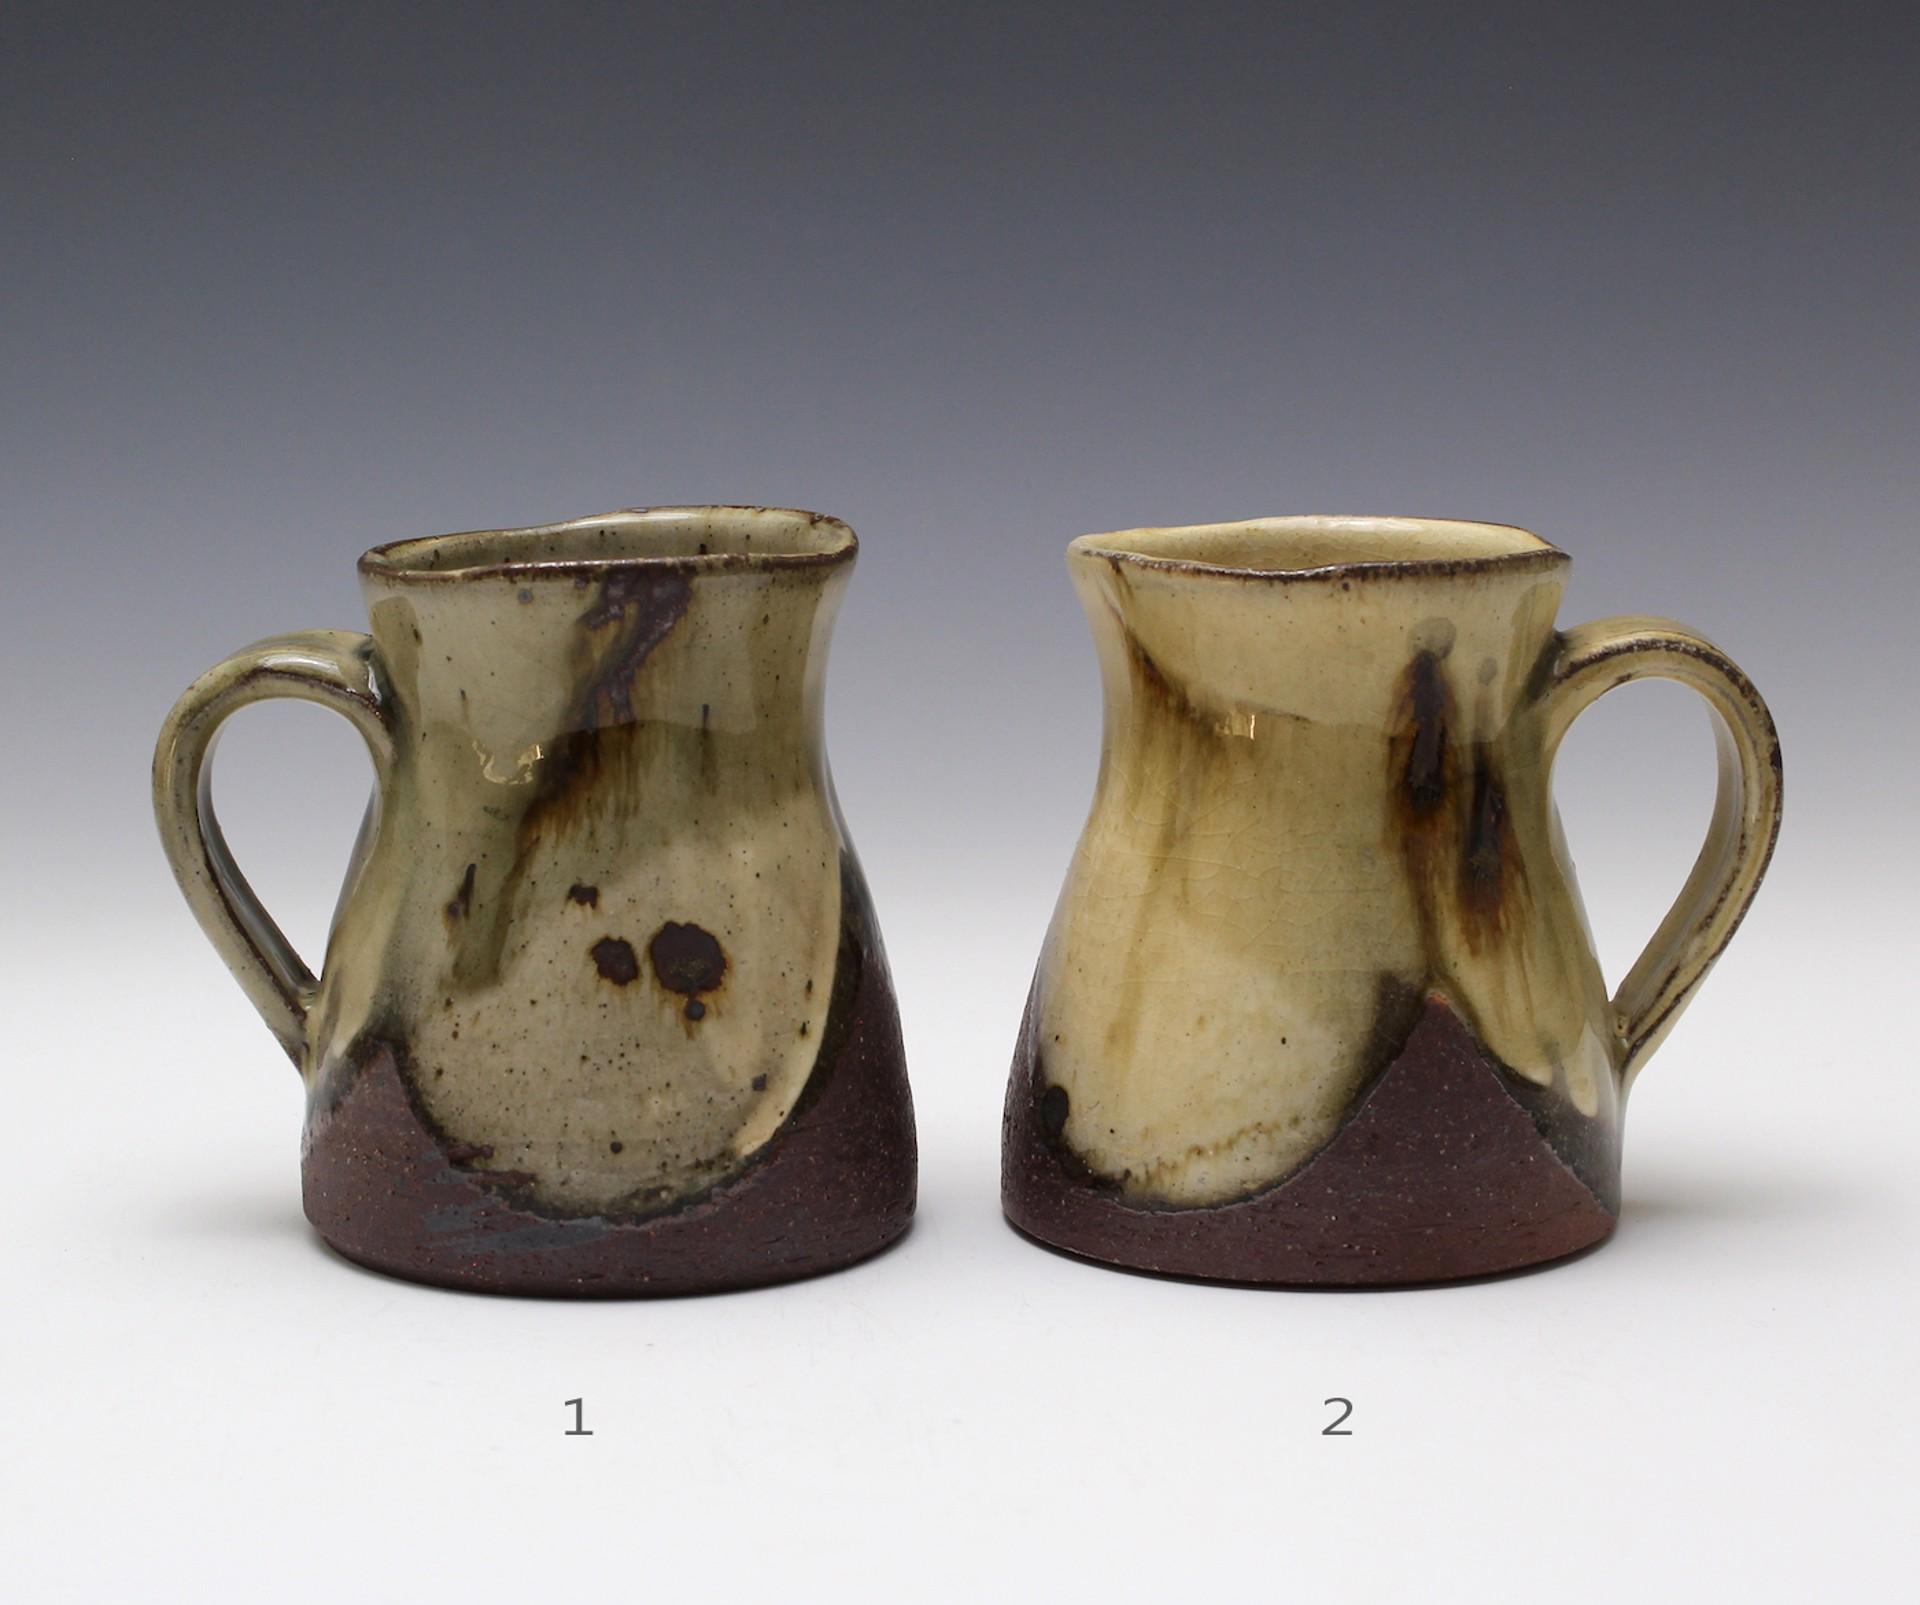 Wood Fired Mug 1 by Hitomi Shibata